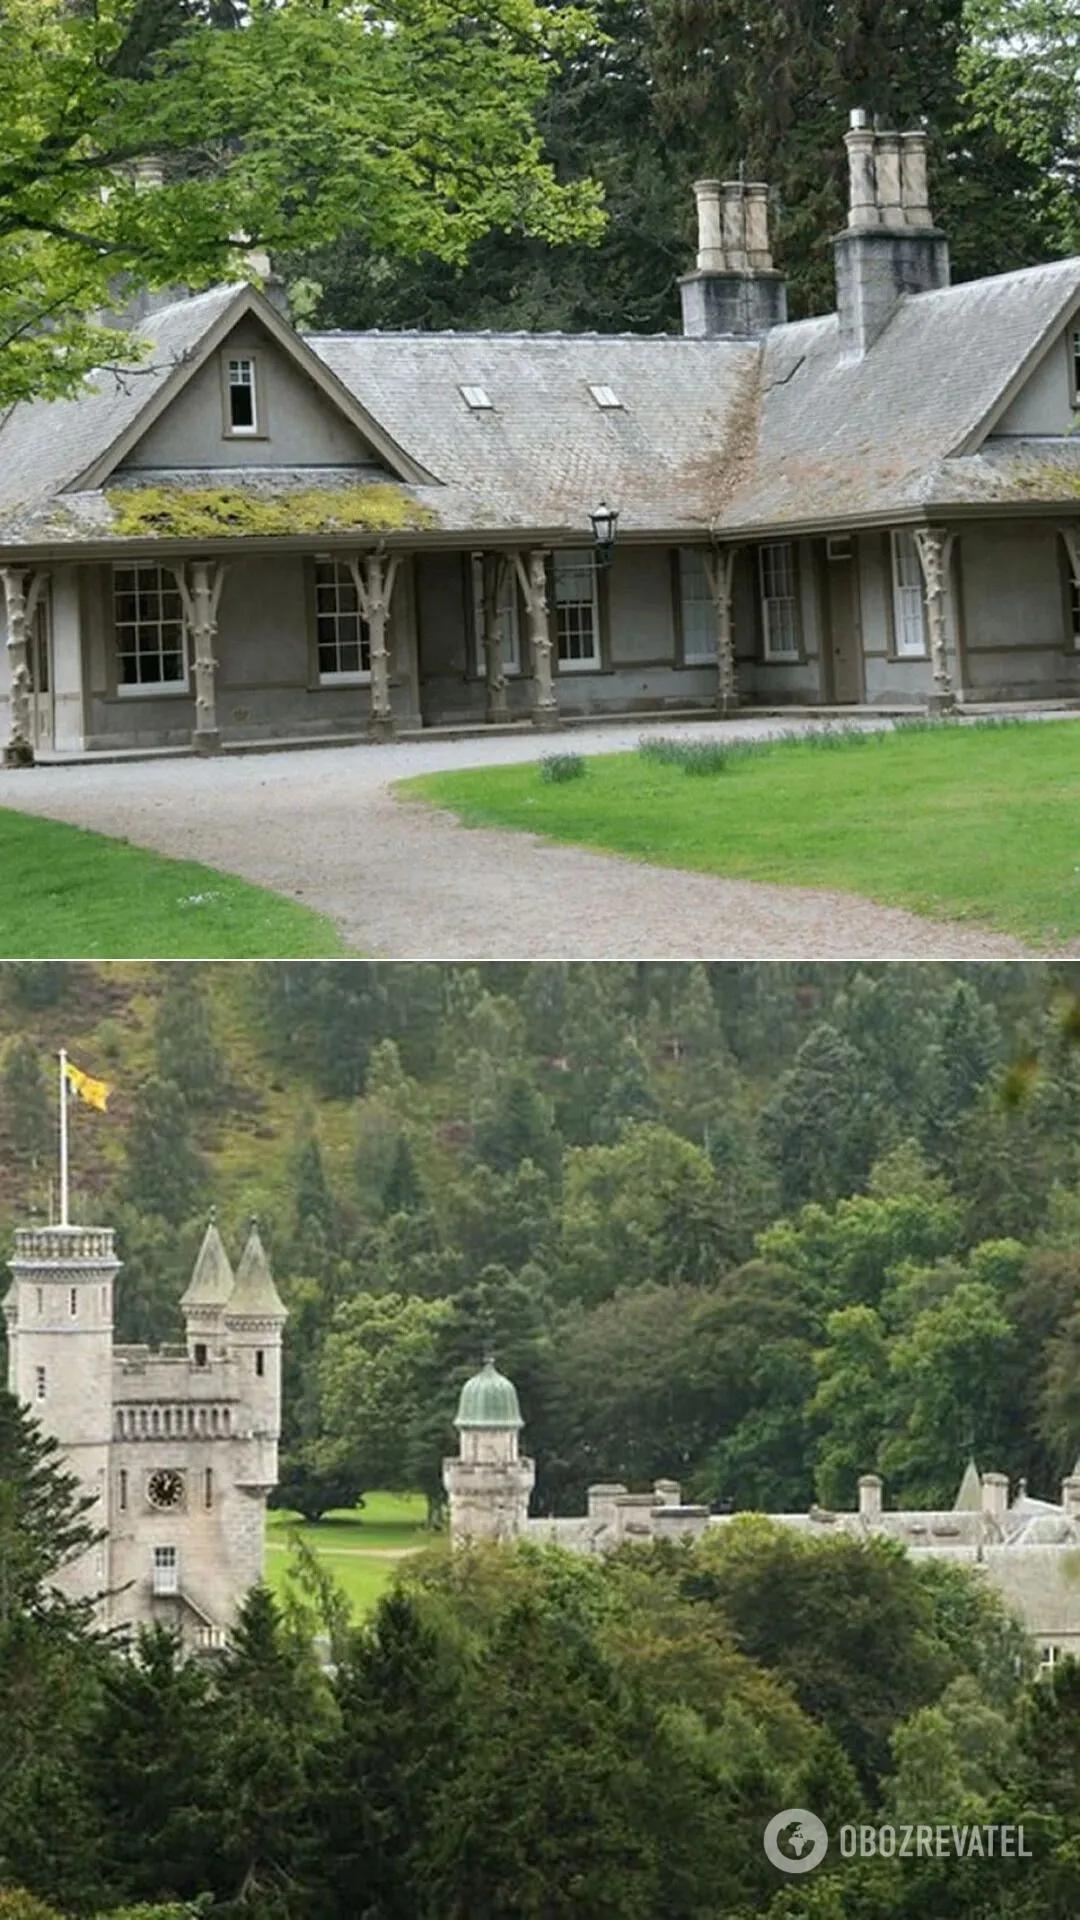 Принц Вільям і Кейт Міддлтон мають ще одну резиденцію на території маєтку Балморал у Шотландії